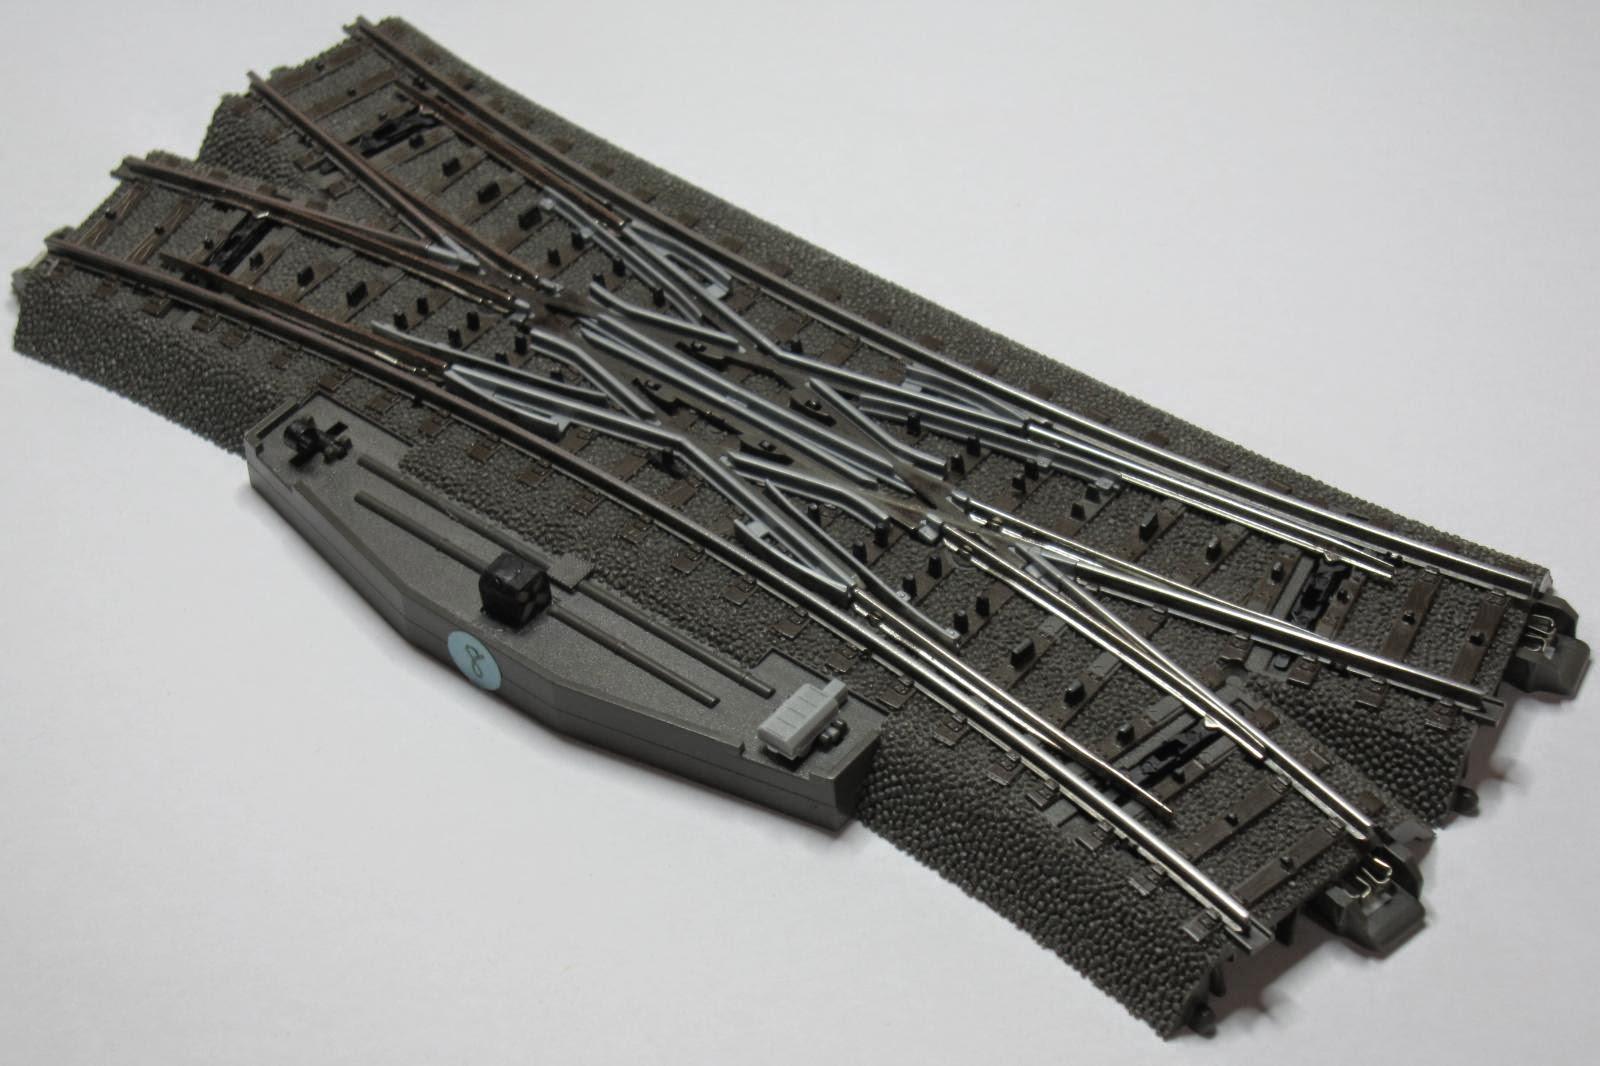 Modellbahn-Technik-Blog: März 2014